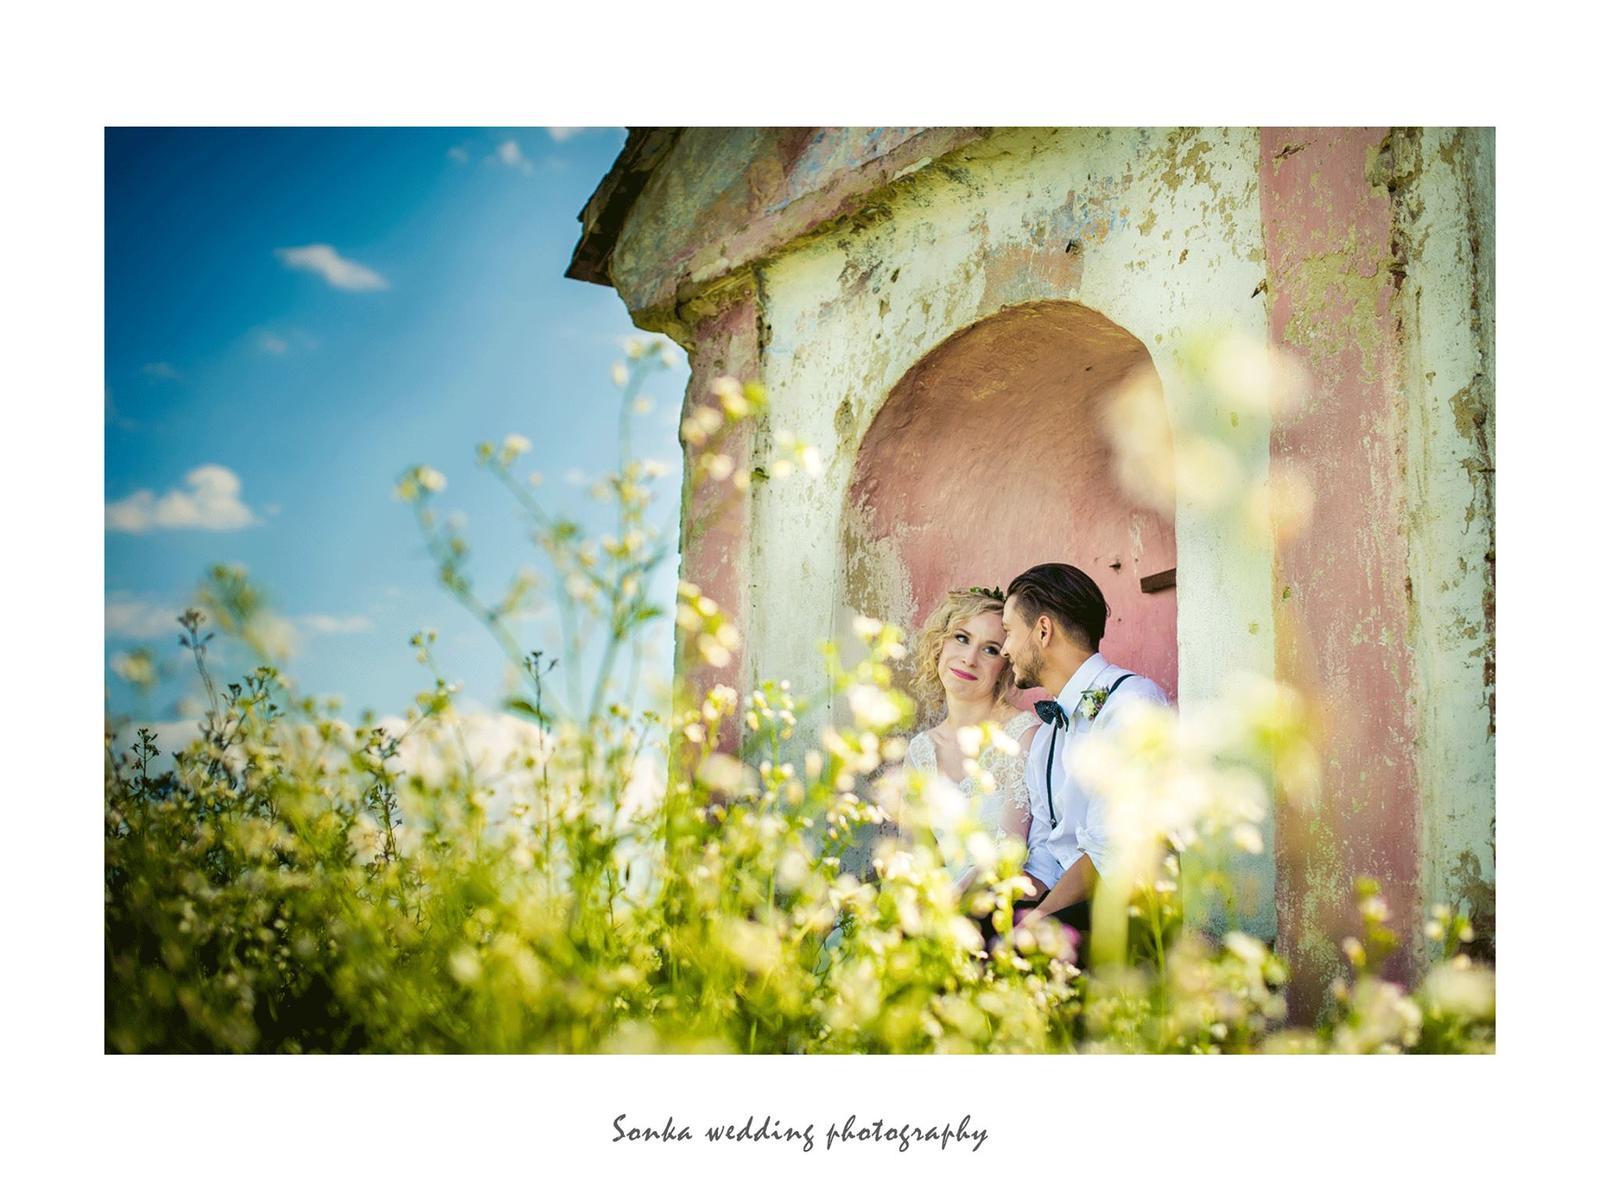 Wedding photography - Obrázek č. 13